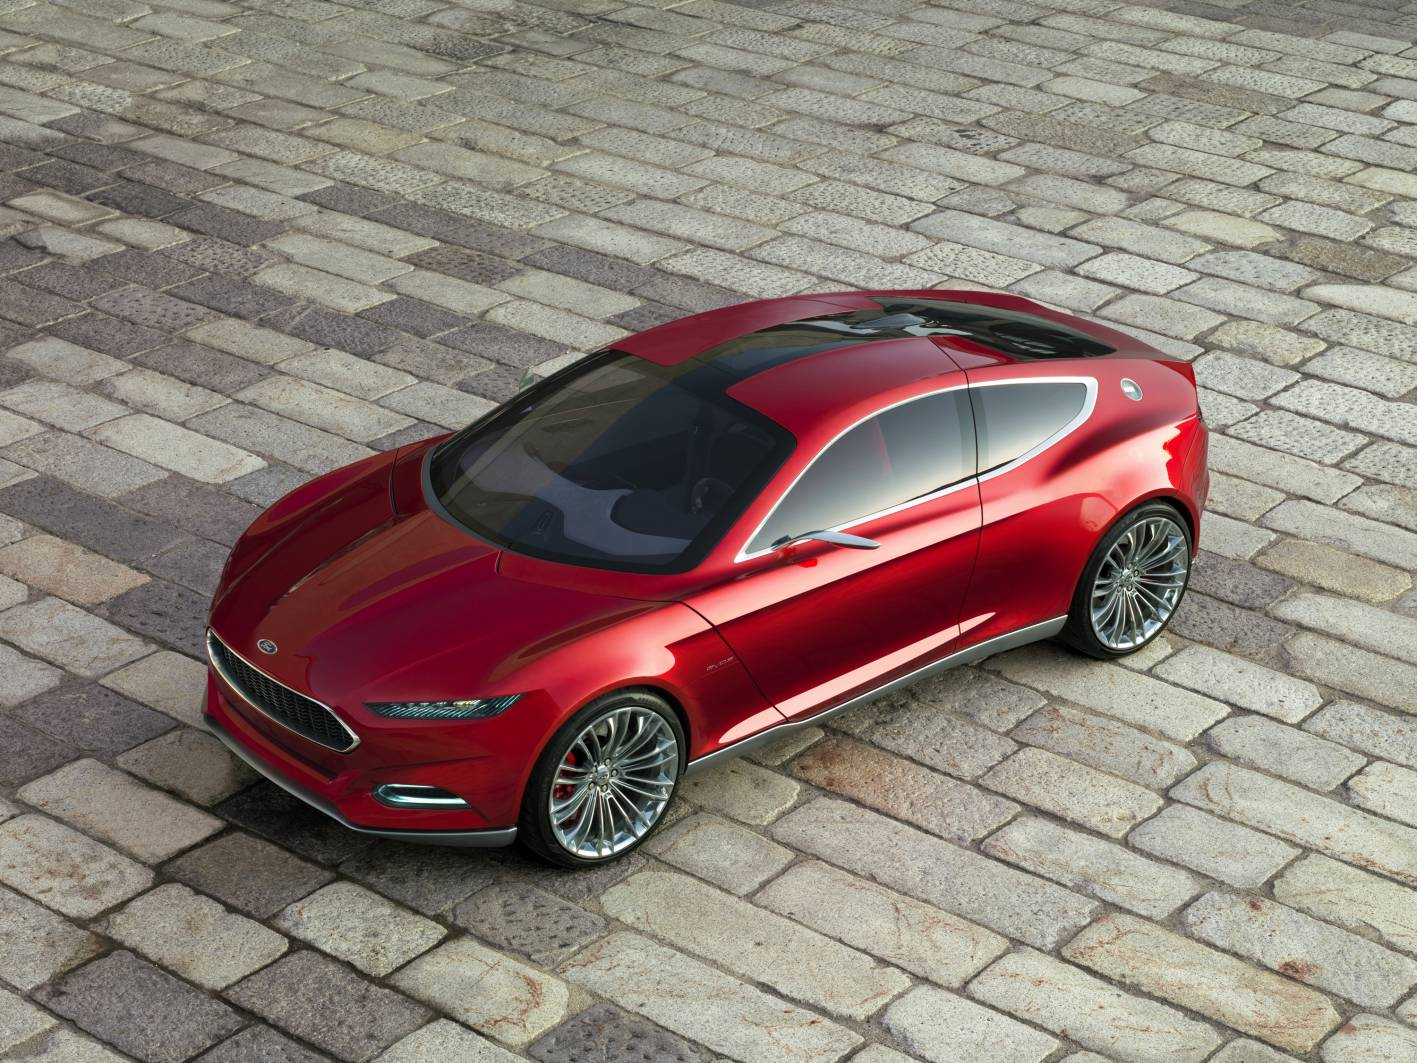 Ford Cars - News: Evos Concept